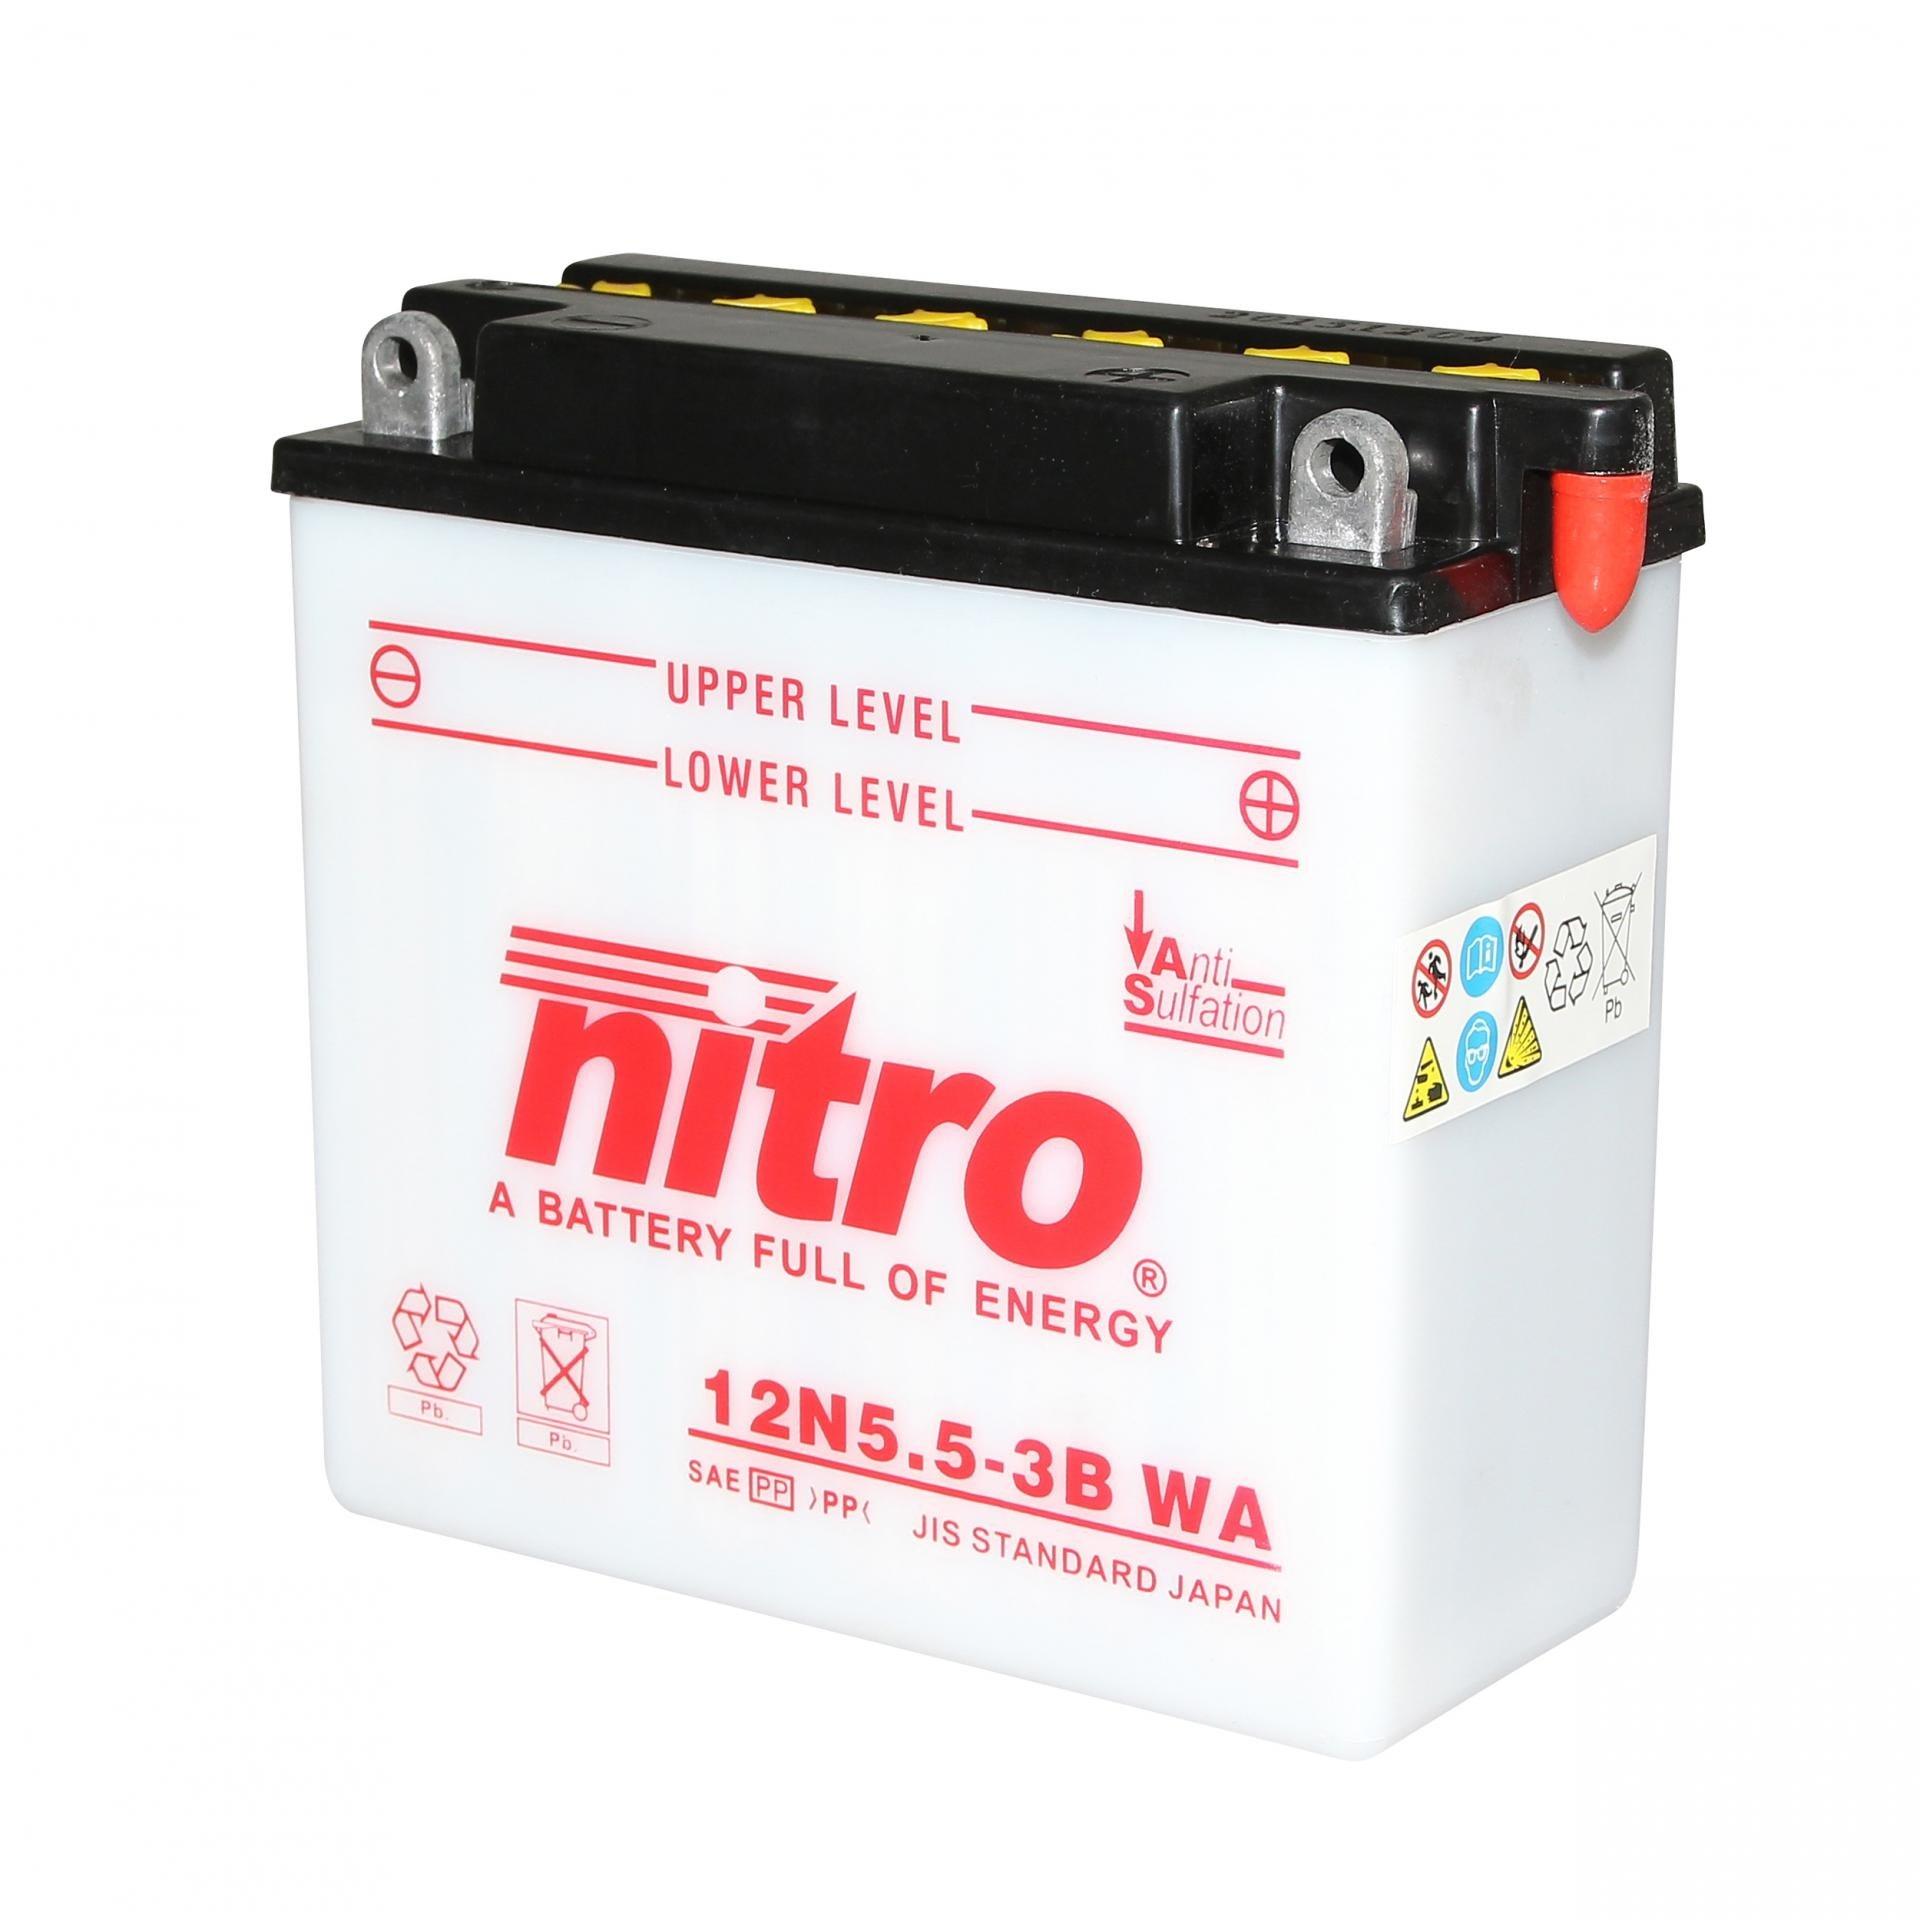 Batterie Nitro 12N5.5-3B 12V 5,5 Ah